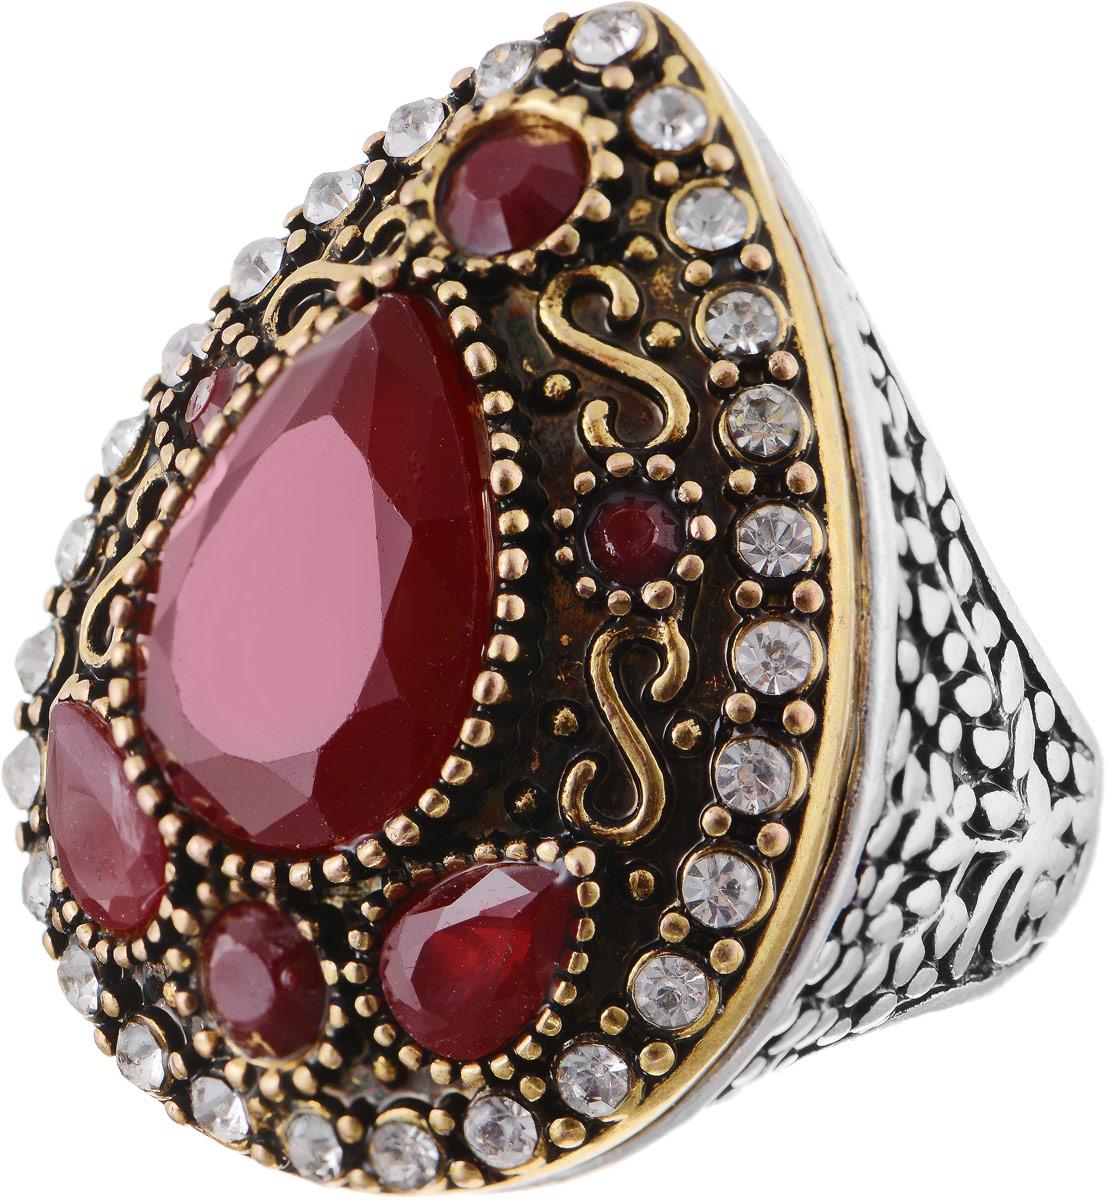 Кольцо Bradex Кармен, цвет: золотой, серебряный, бордовый. AS 0015. Размер 17Коктейльное кольцоКольцо Bradex Кармен выполнено из металлического сплава. Декоративный элемент выполнен в форме капли, оформленной вставками из искусственных камней и страз.